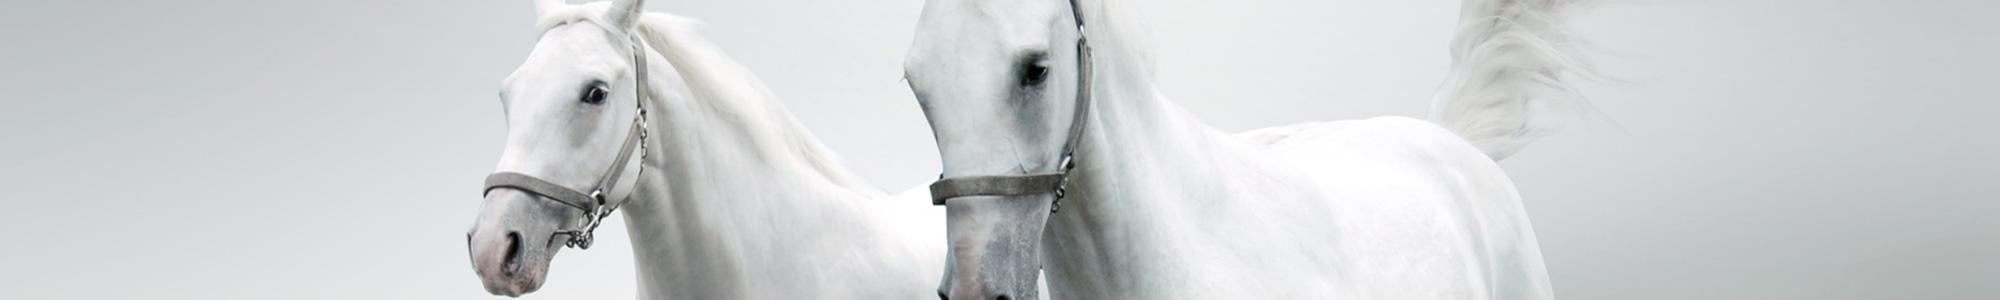 Nowe produkty - Art-horse Sklep jeździecki